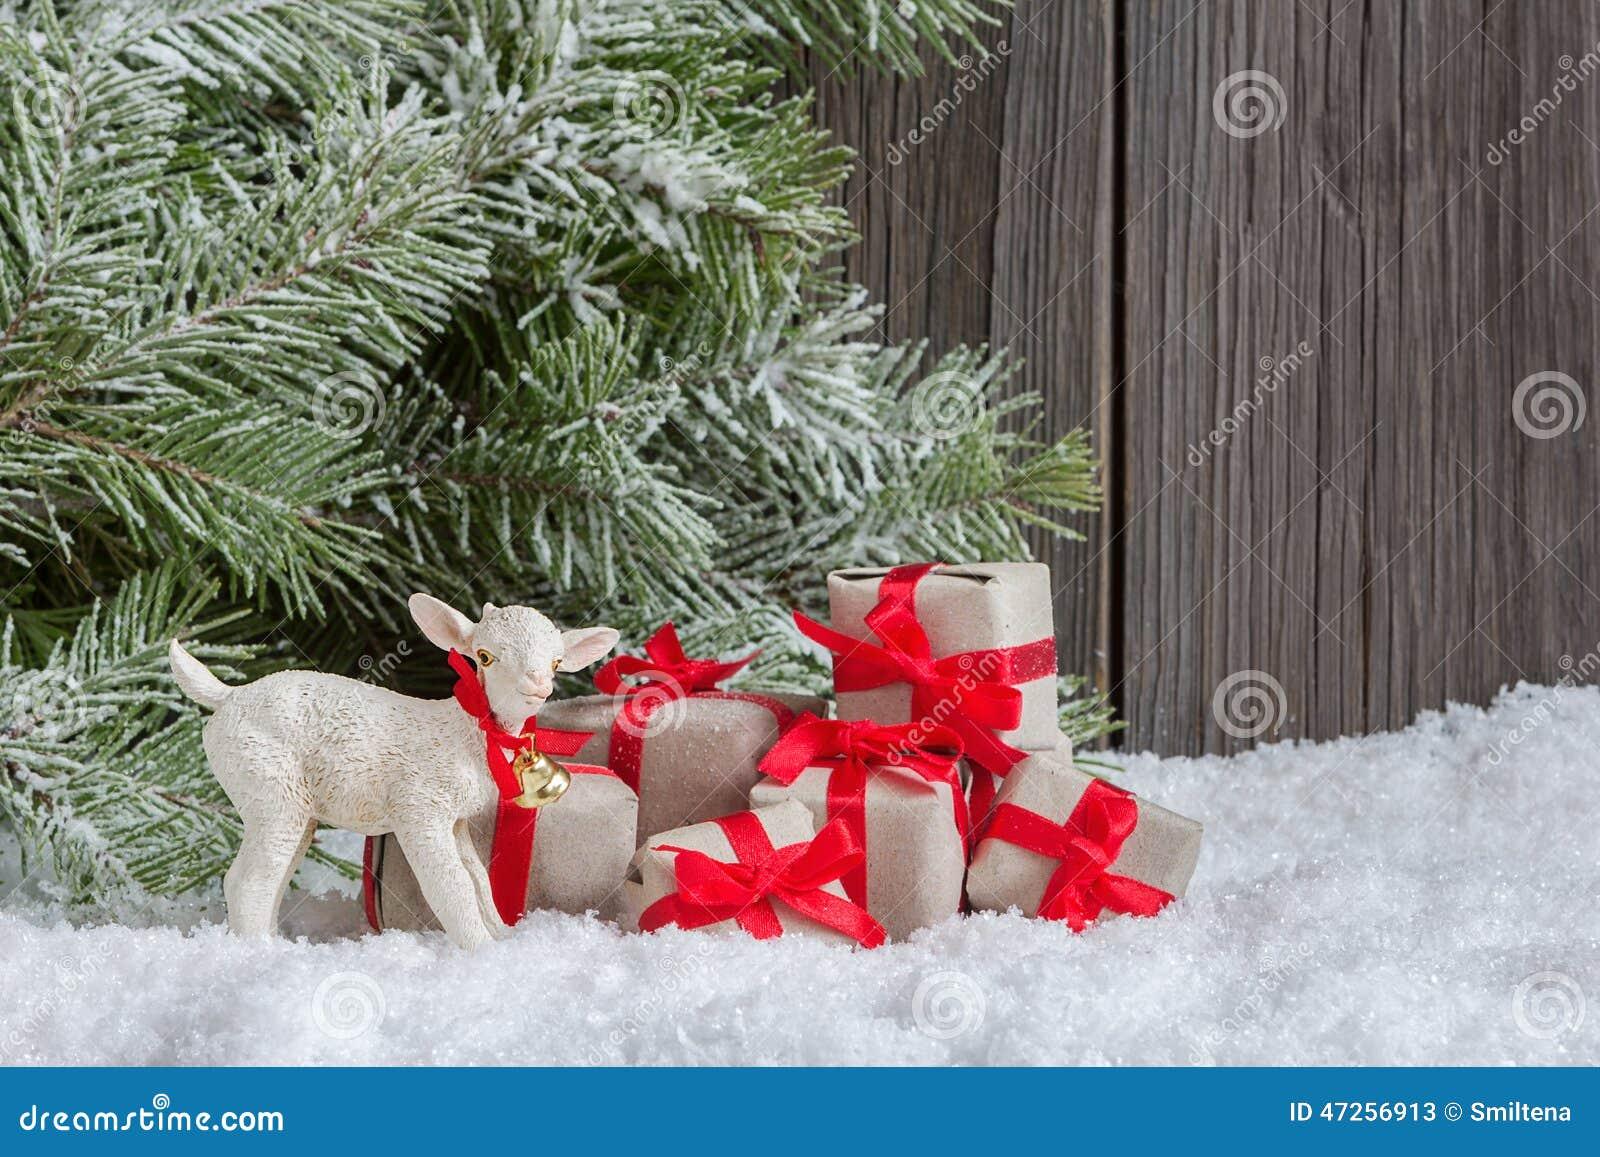 Decoraci n casera de la navidad foto de archivo imagen for Decoracion de navidad casera